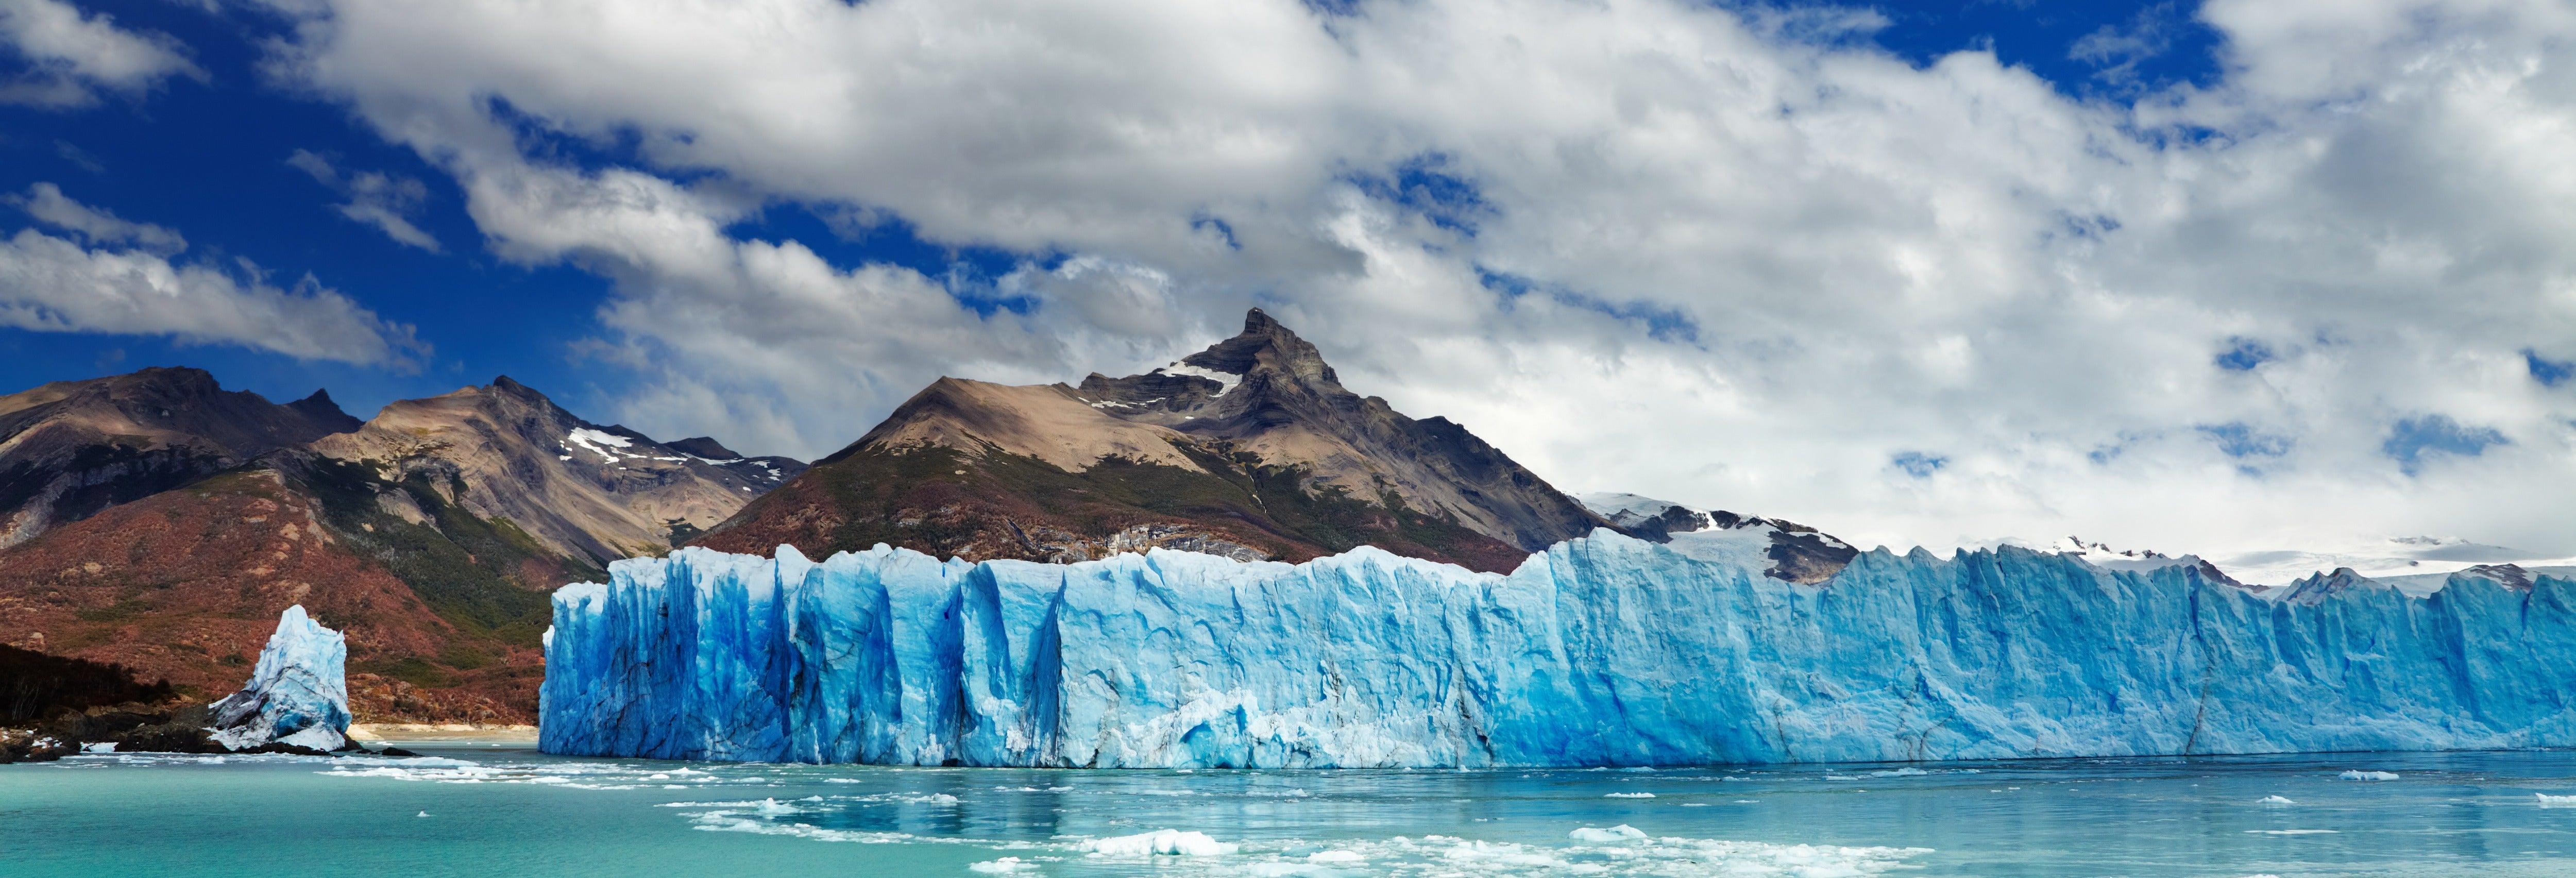 Kayak dans le glacier Perito Moreno